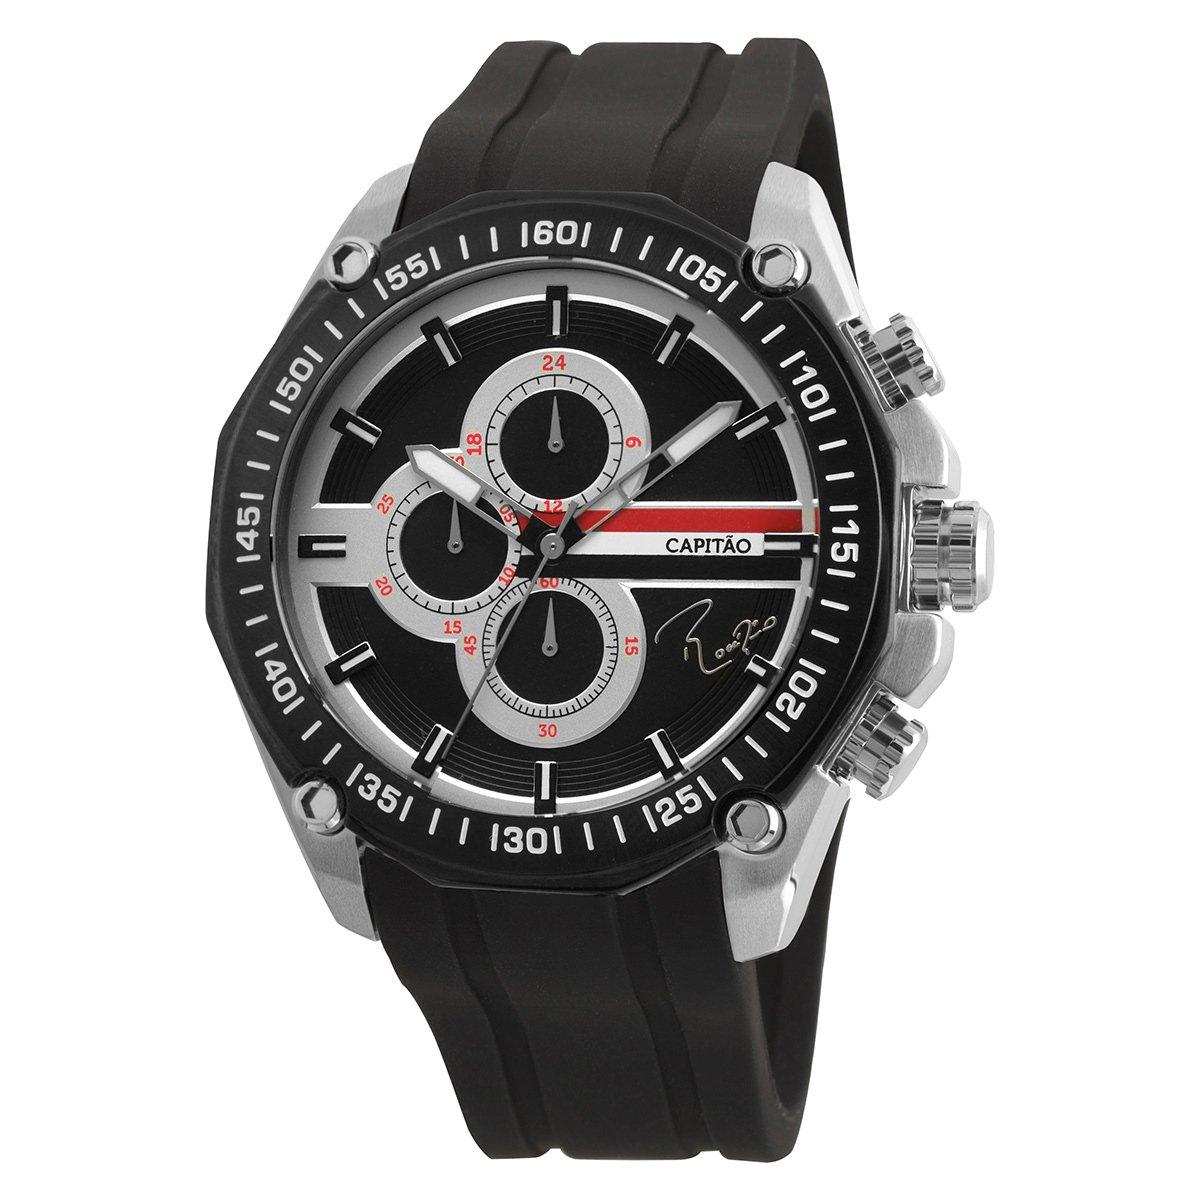 0d50b257a90 Relógio São Paulo Technos Rogério Ceni Capitão Analógico Cronógrafo I -  Compre Agora